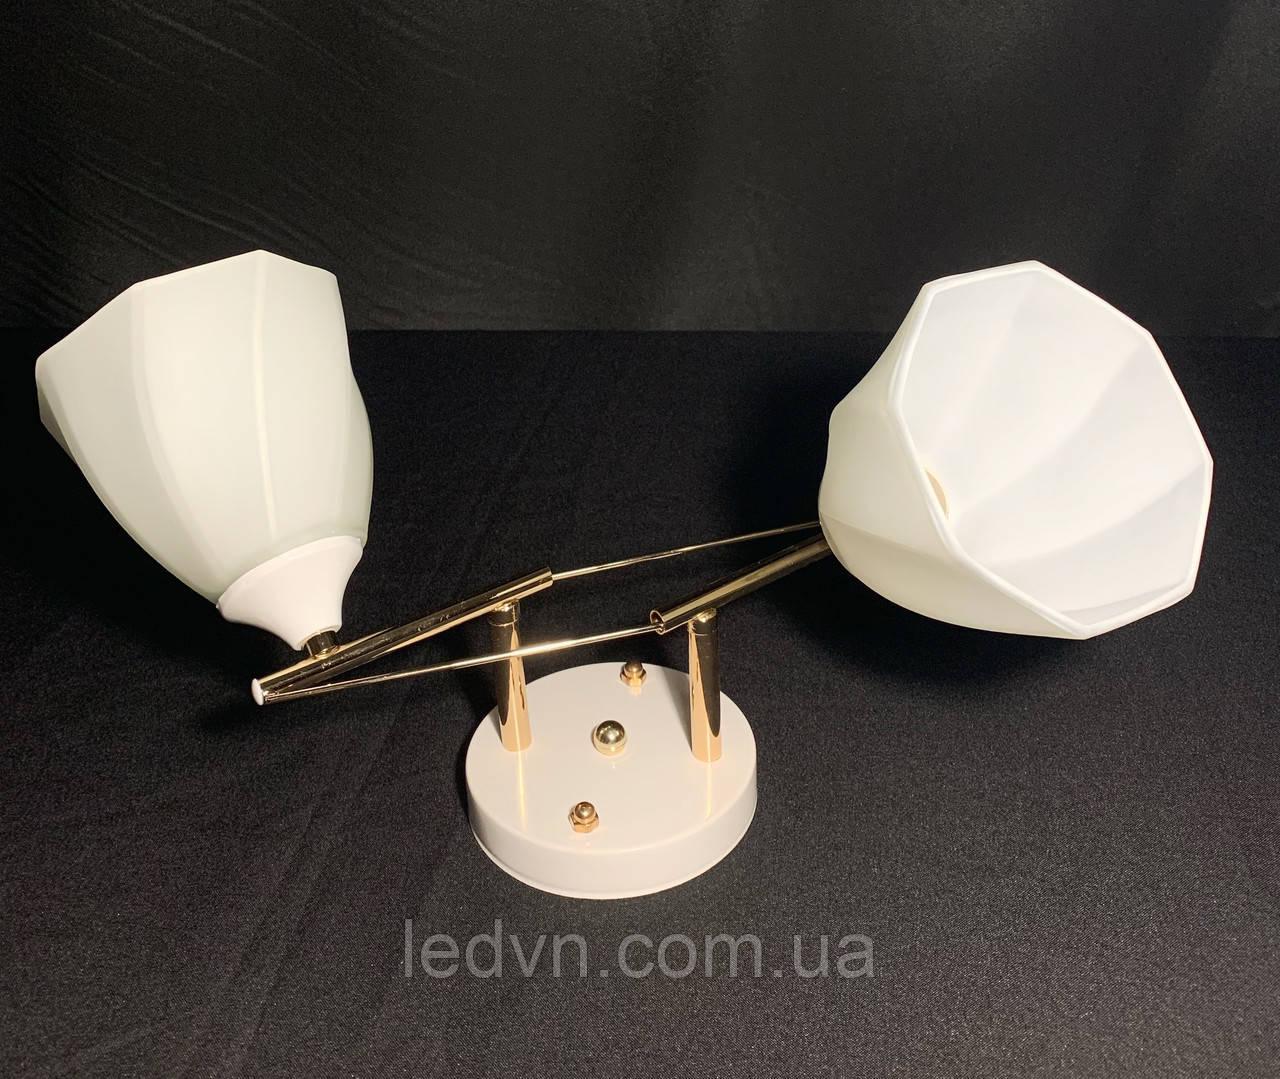 Припотолочная люстра на 2 лампы в белом цвете